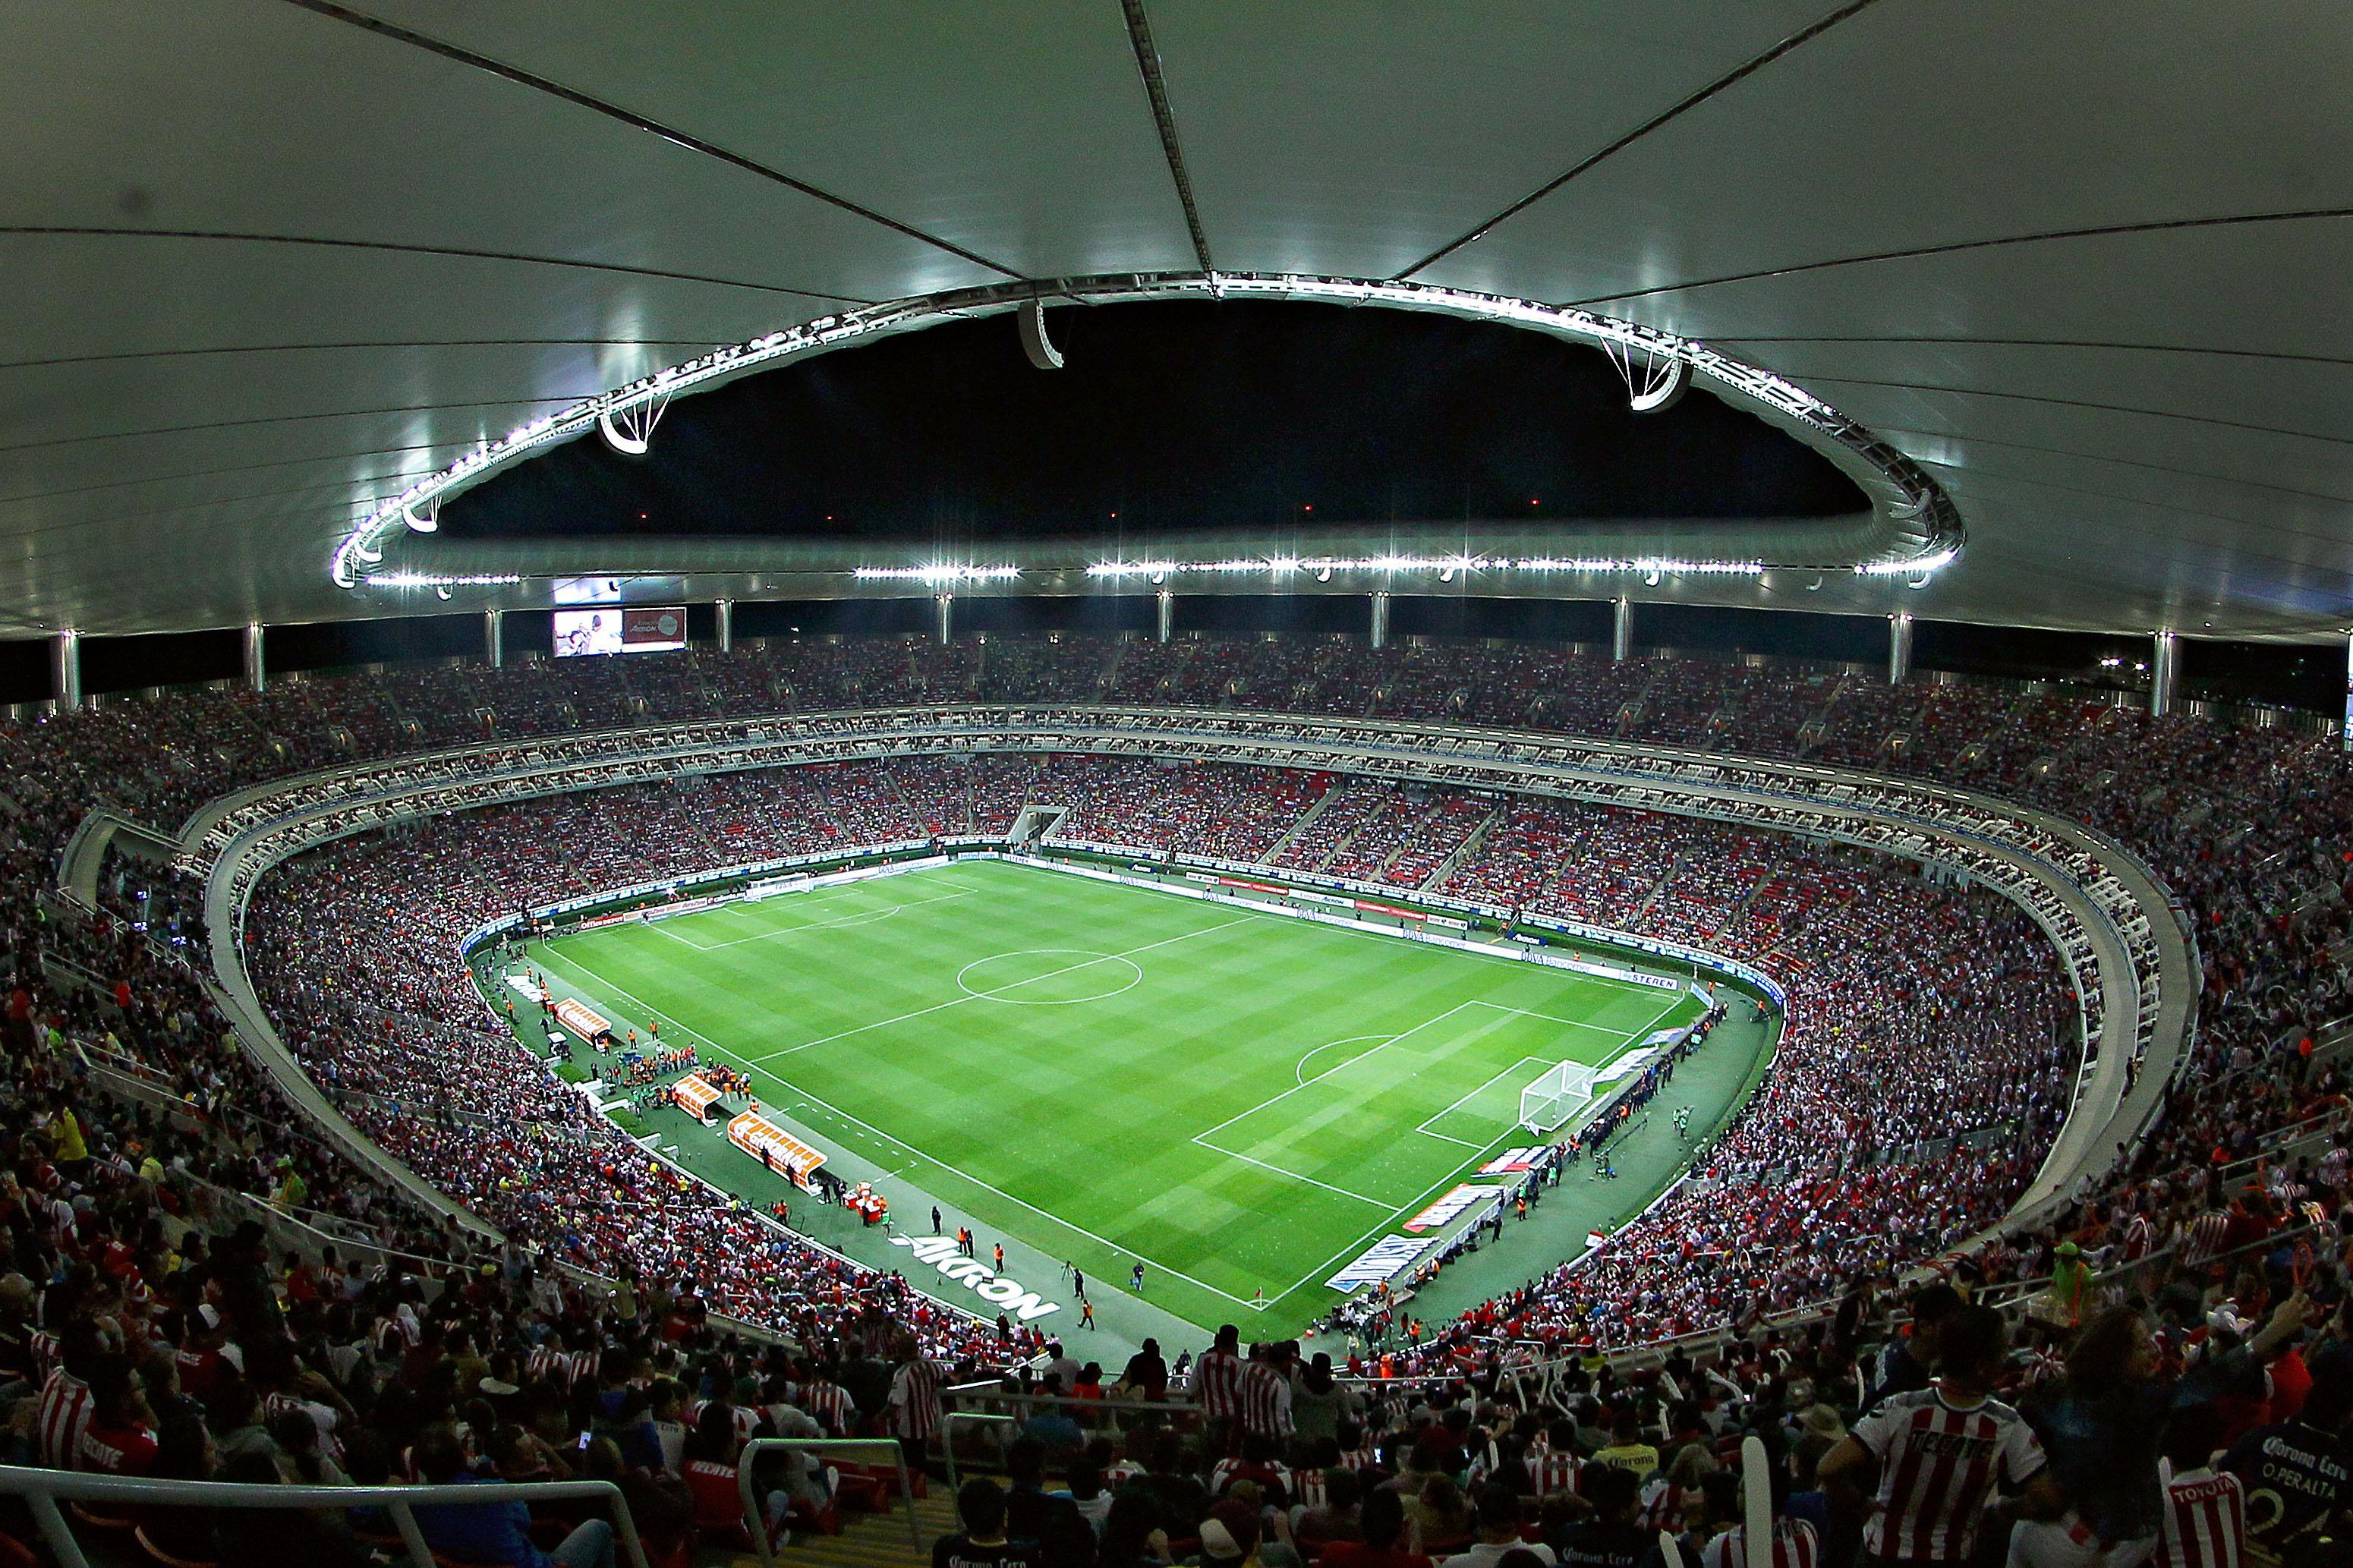 estadio-chivas-akron-guadalajara-2026